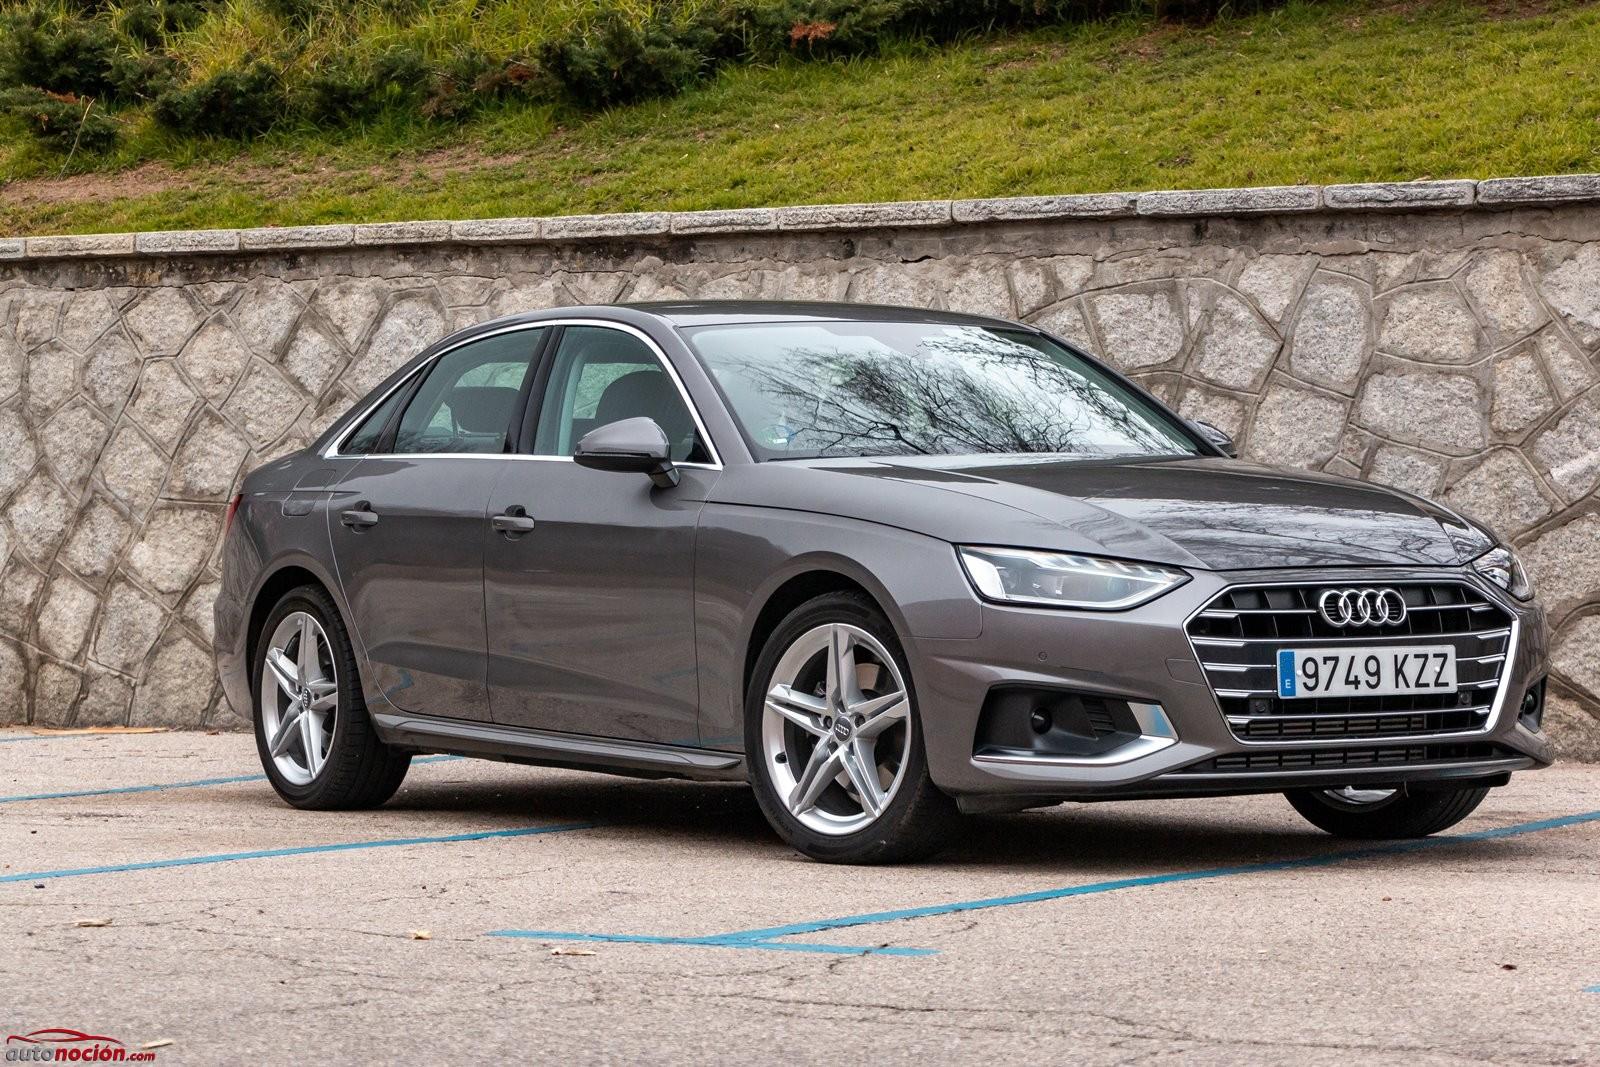 Opinión y prueba Audi A4 gasolina 150 CV automático 2020